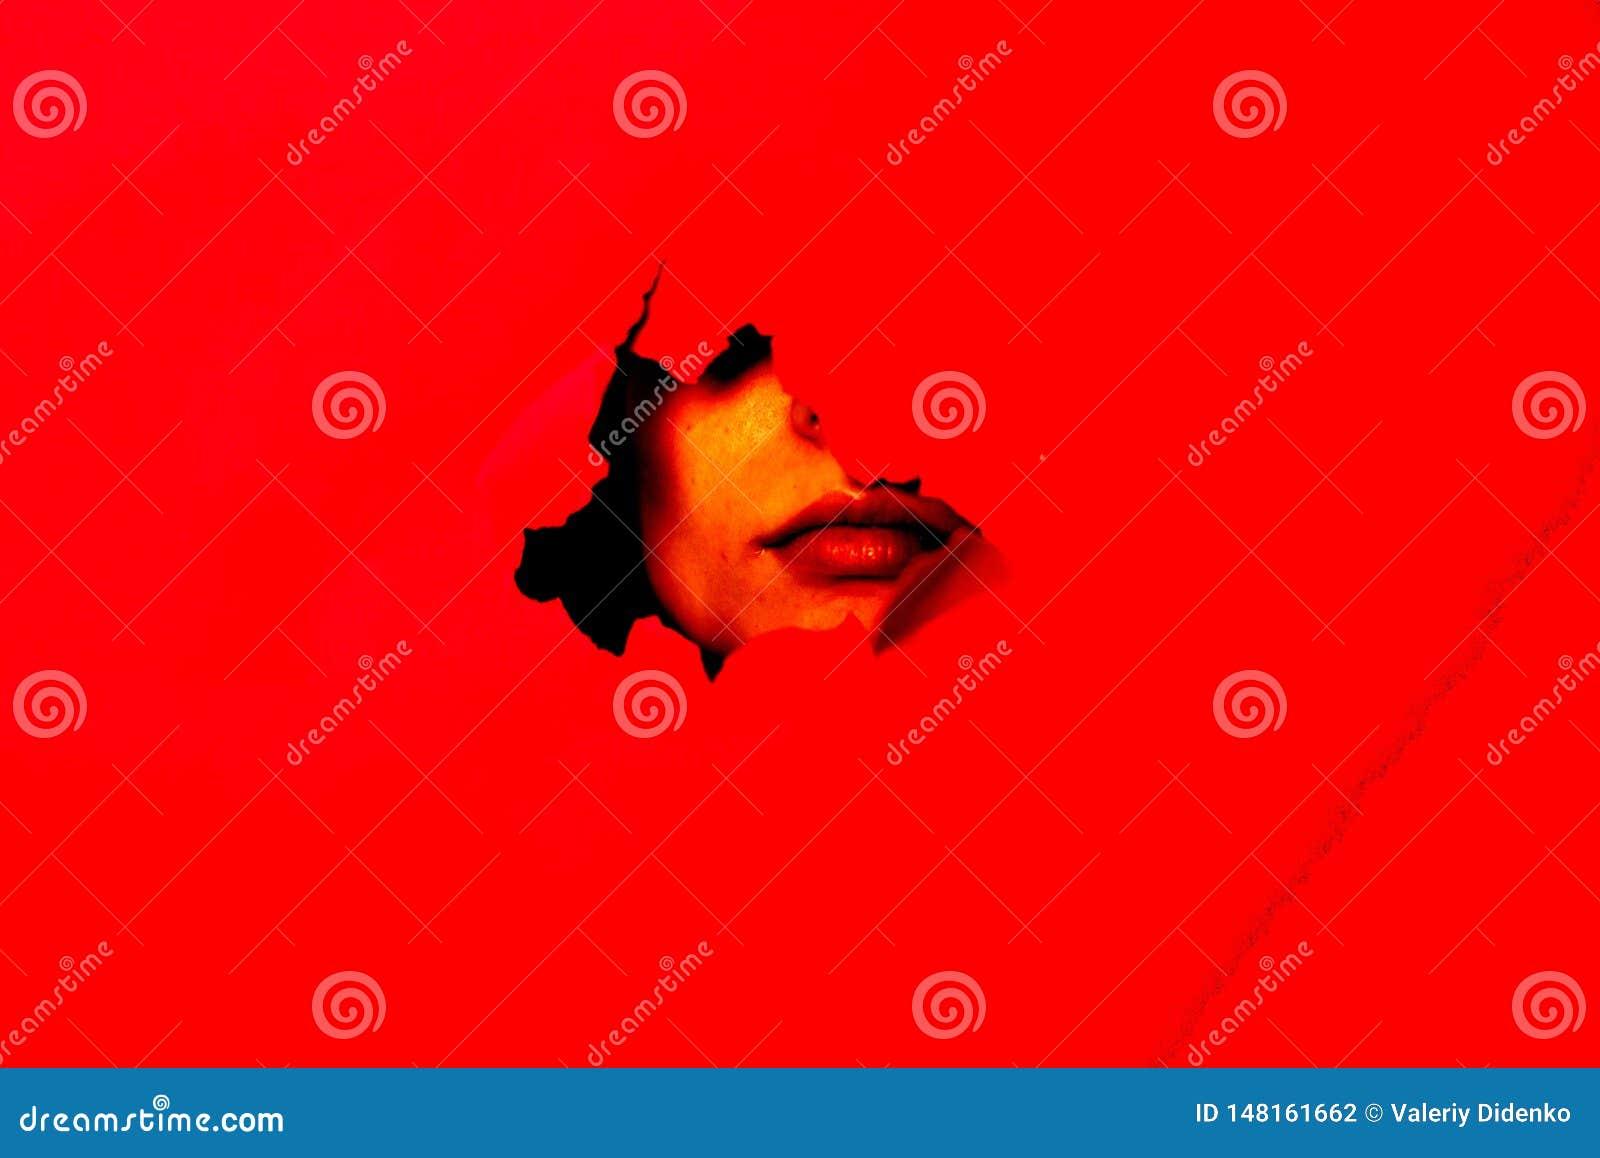 Sui precedenti rossi, il fronte può essere visto nel foro